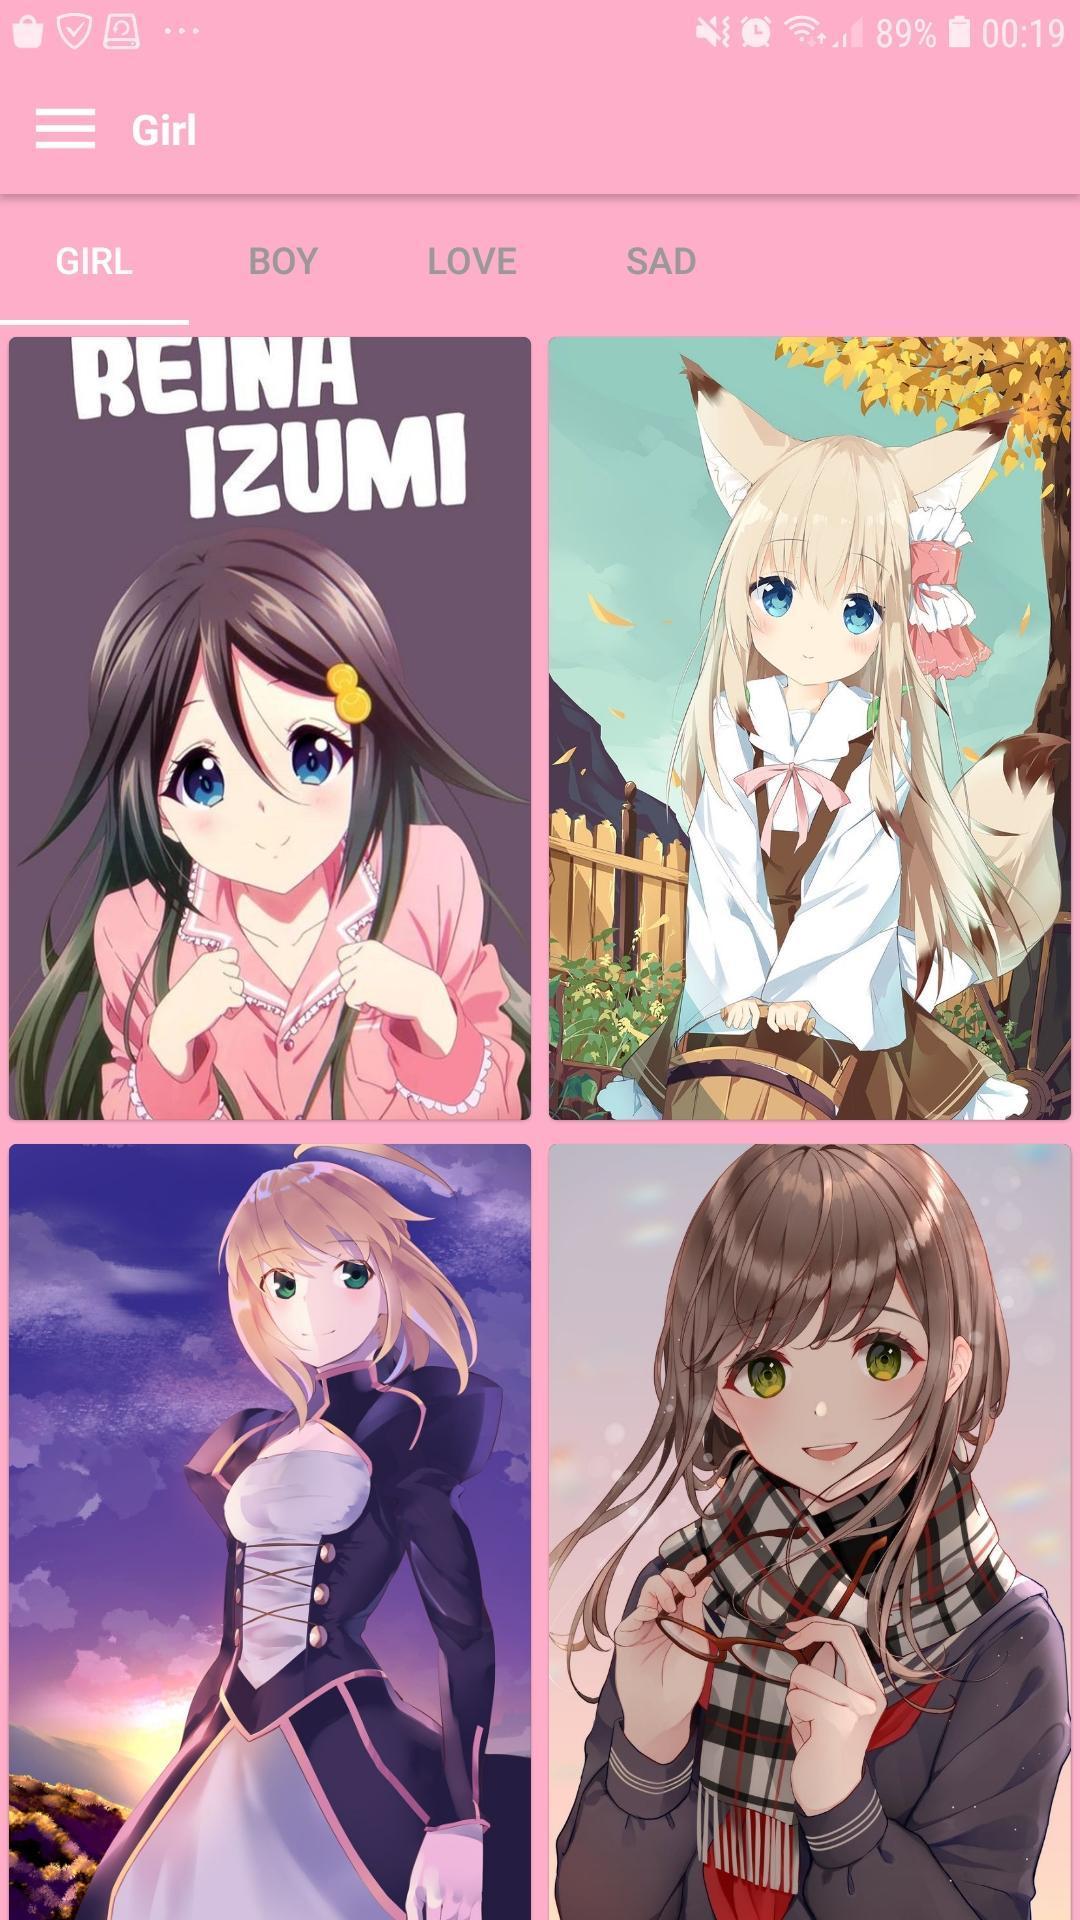 Anime Wallpaper, Anime Girl/Boy/Love ...